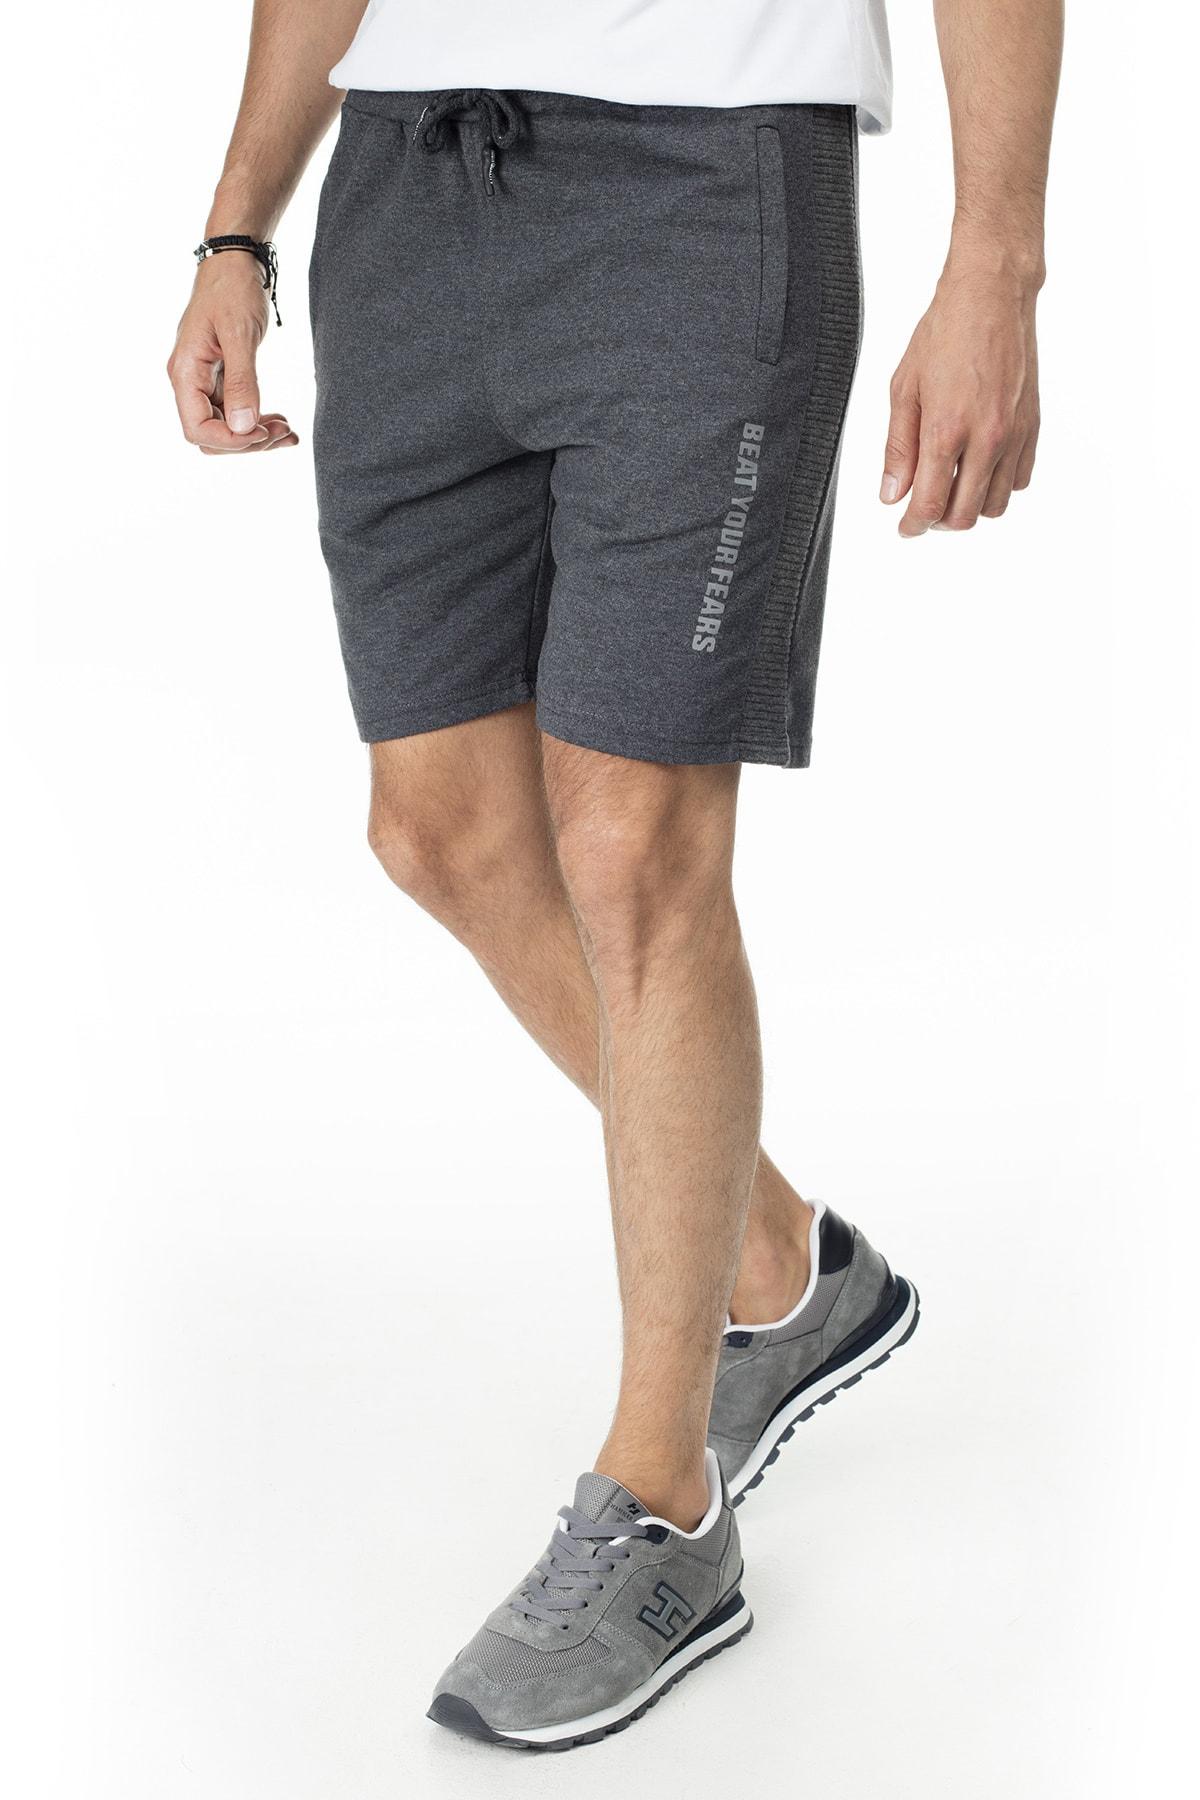 Buratti Erkek Siyah Elestan Cep Belden Bağlama Günlük Spor Slim Fit Short 568R165 2